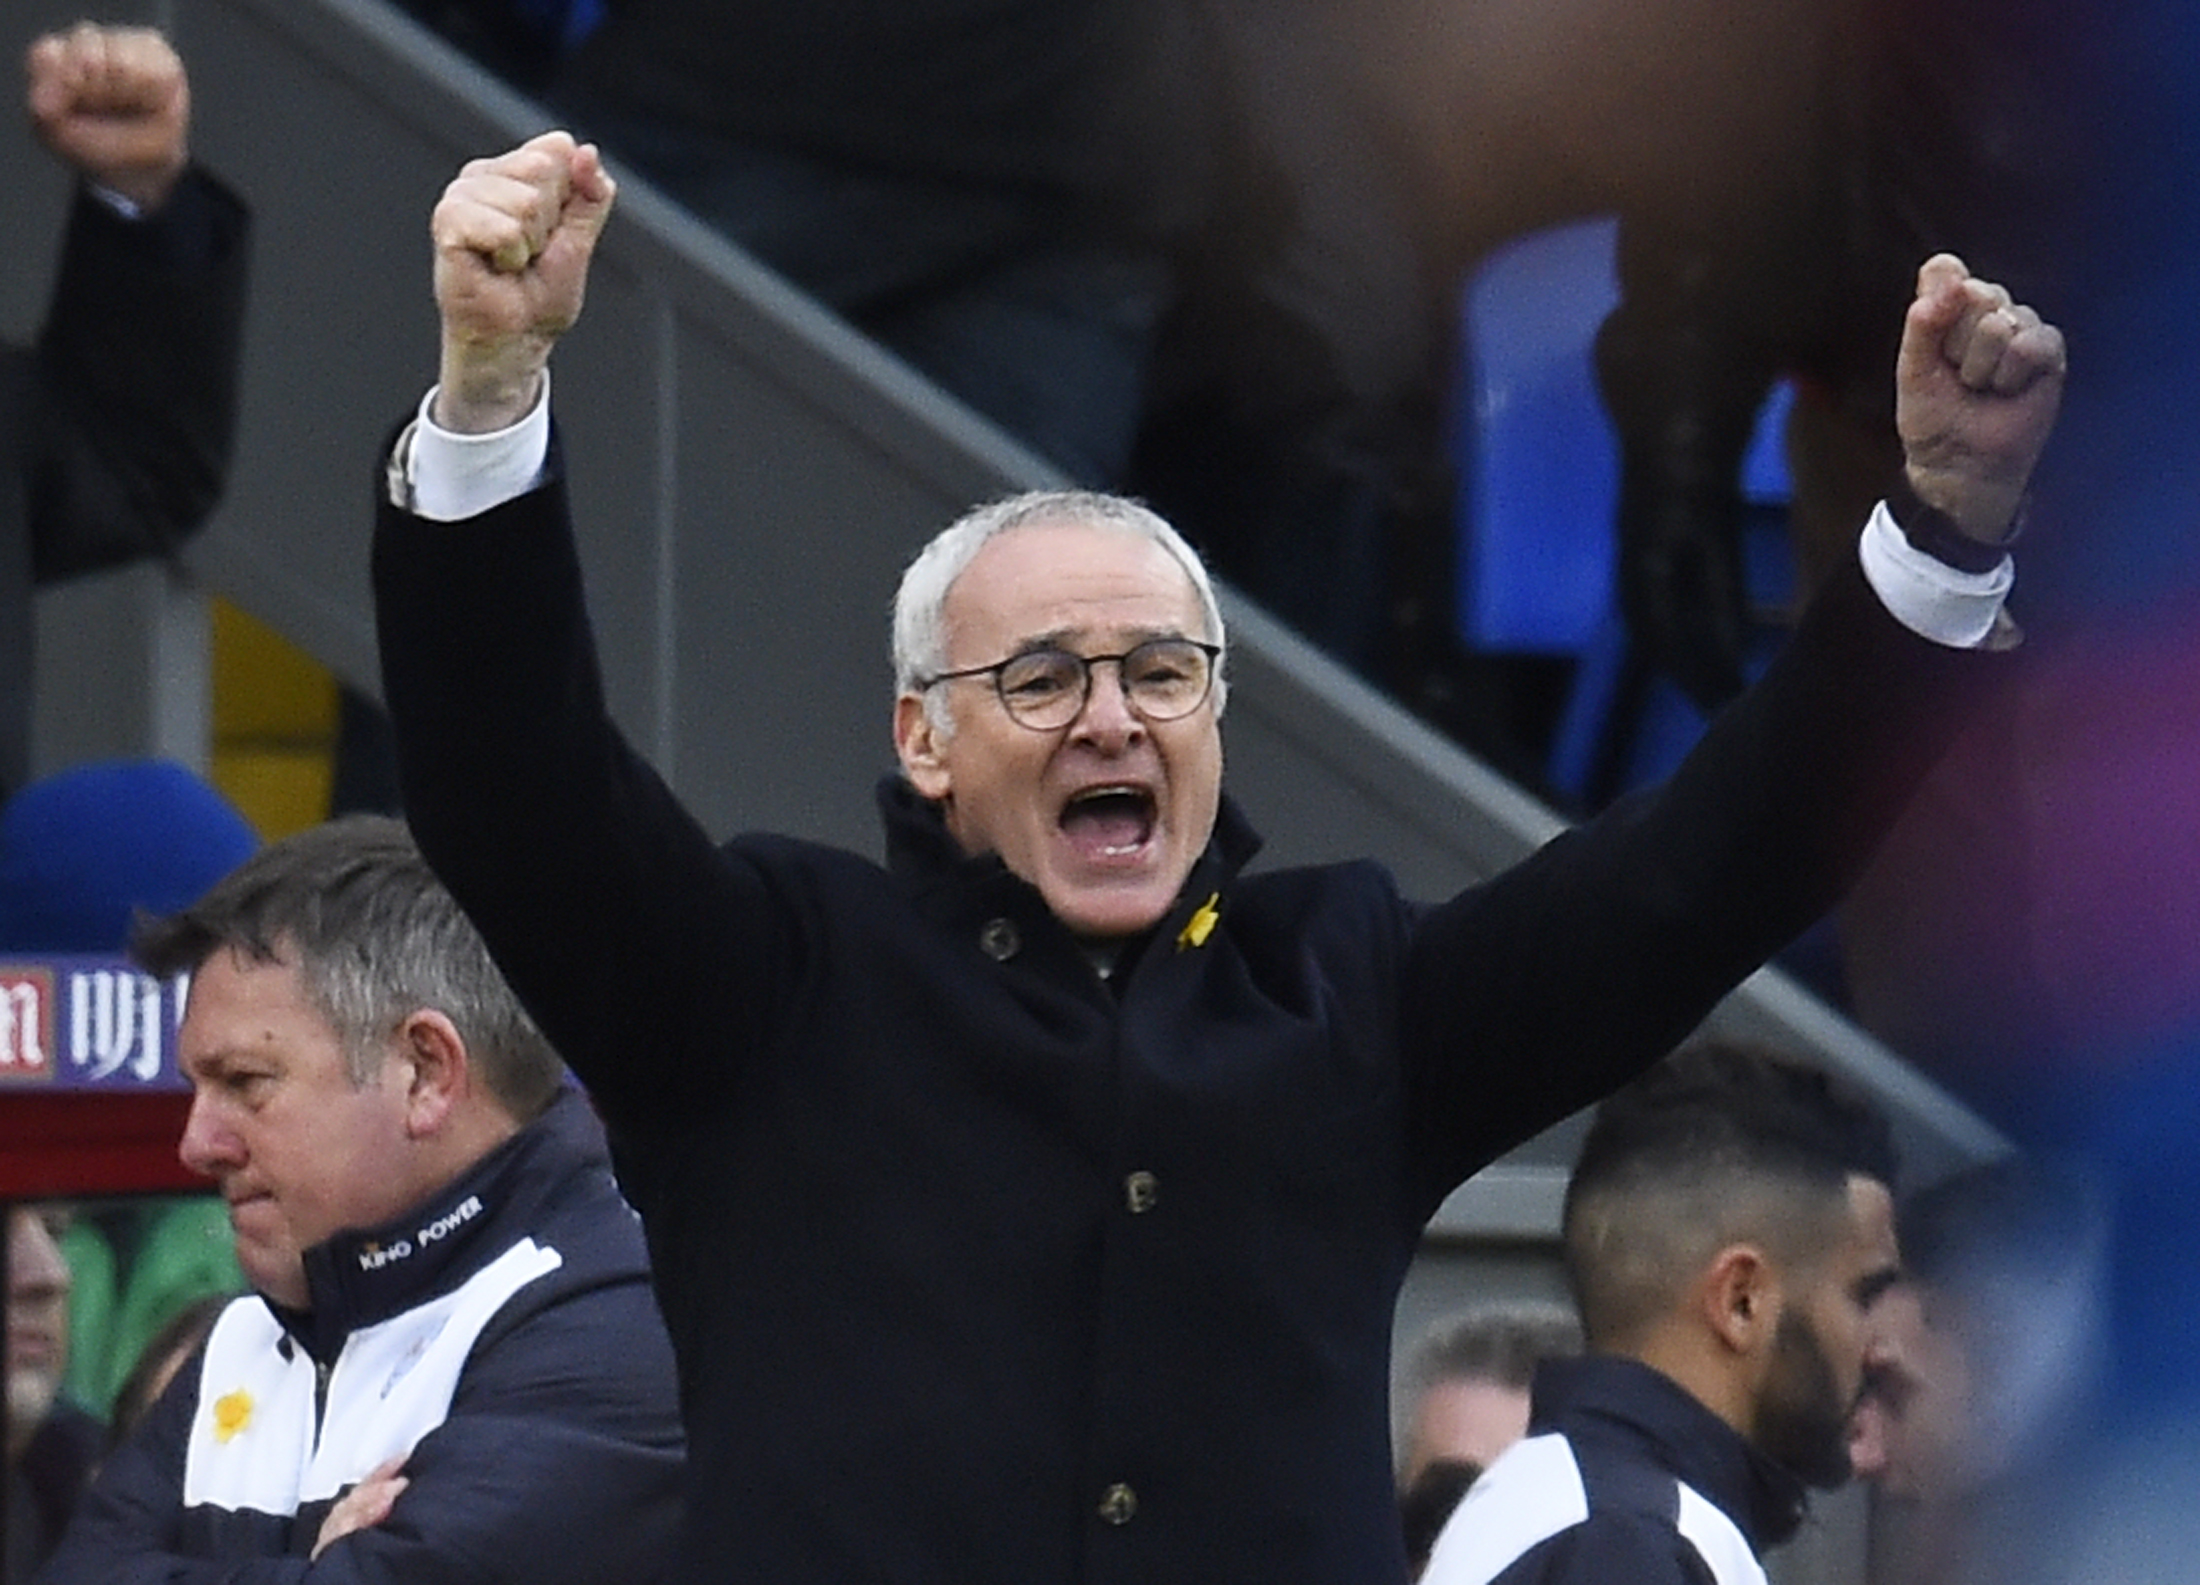 Tottenham, l'incredibile errore di Dele Alli e la reazione di Pochettino